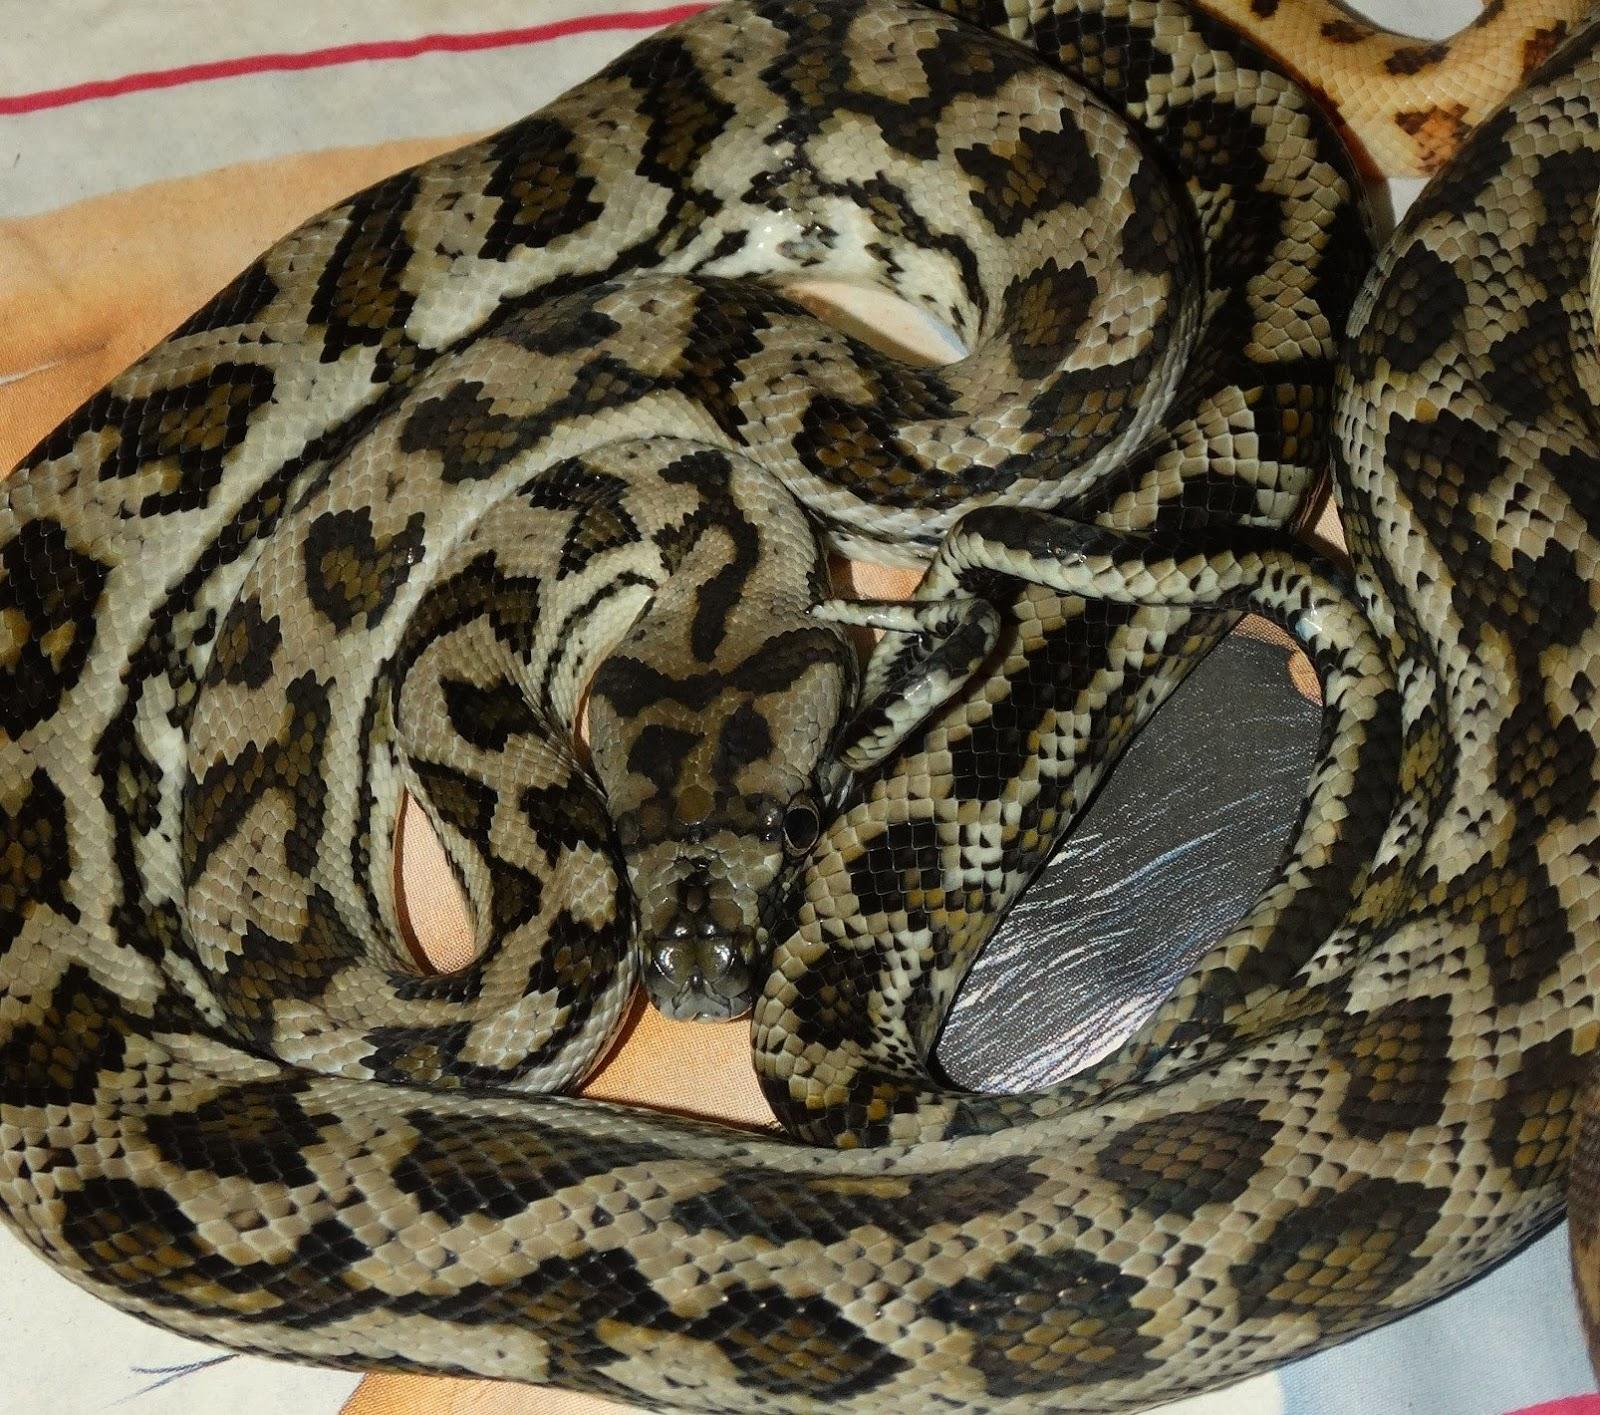 Reptiles Amphibians & Fish: JAGUARS AND JAGGIES CARPET ...